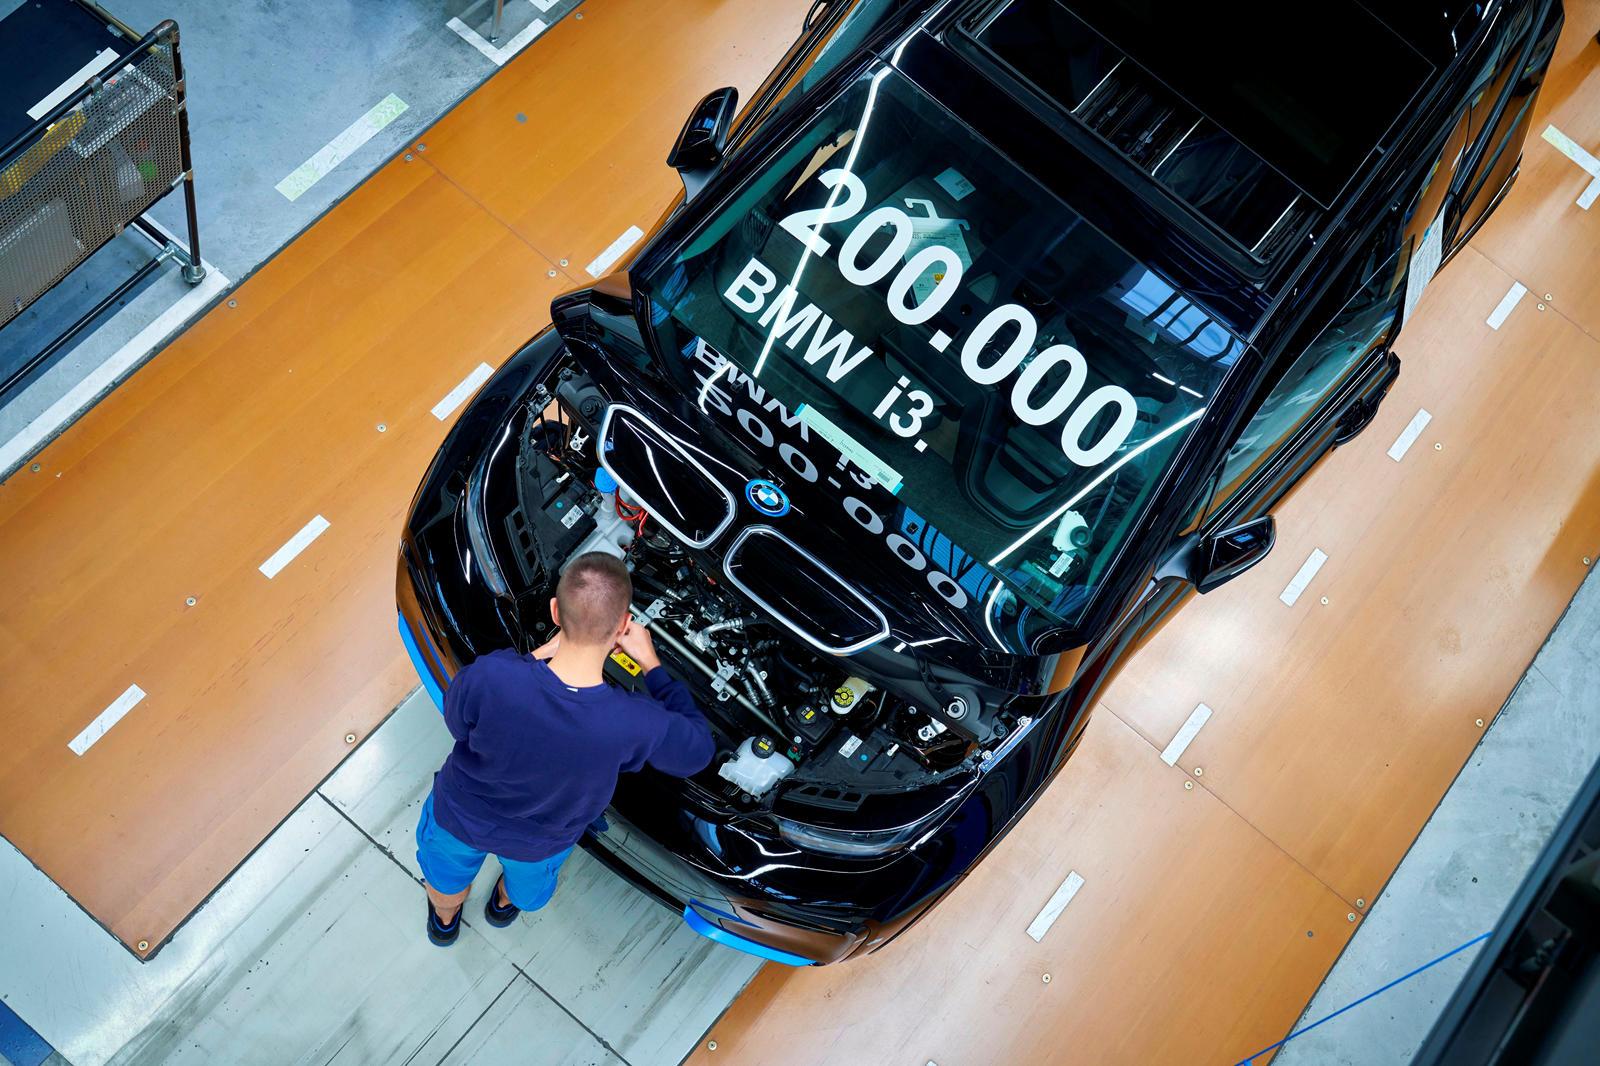 Фактически, i3 остается самым продаваемым автомобилем премиум-класса в сегменте супермини. BMW указывает на исследование 2019 года, согласно которому общие эксплуатационные расходы i3s в среднем примерно на 20 процентов ниже, чем у BMW с двигателем в